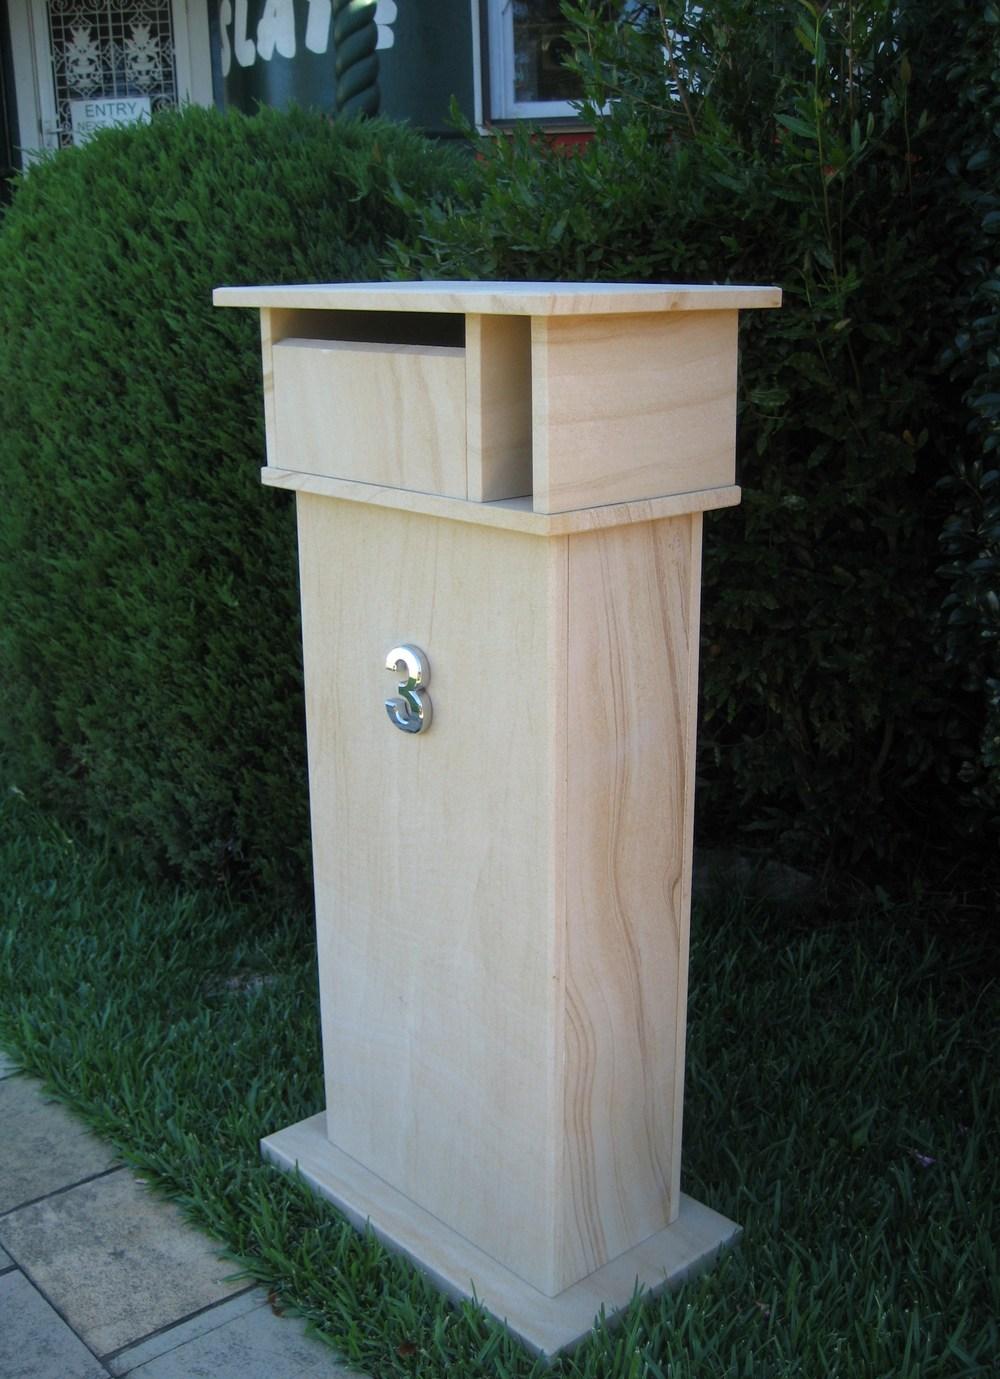 75. Extra tall letterbox, woodgrain sandstone. 1060 tall, dimentions 1060x400x300 $493